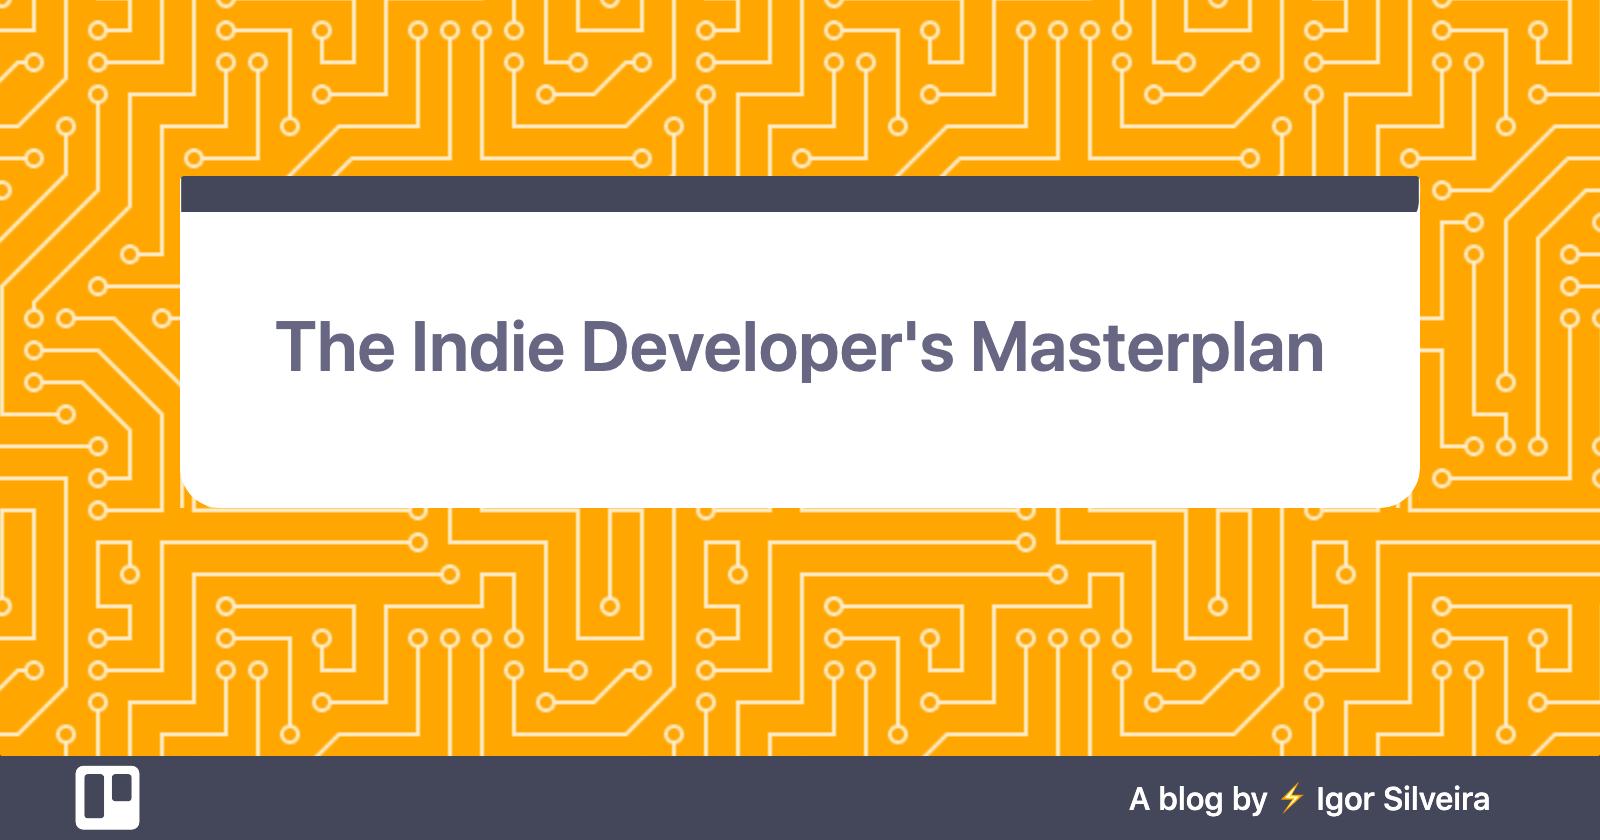 The Indie Developer's Masterplan